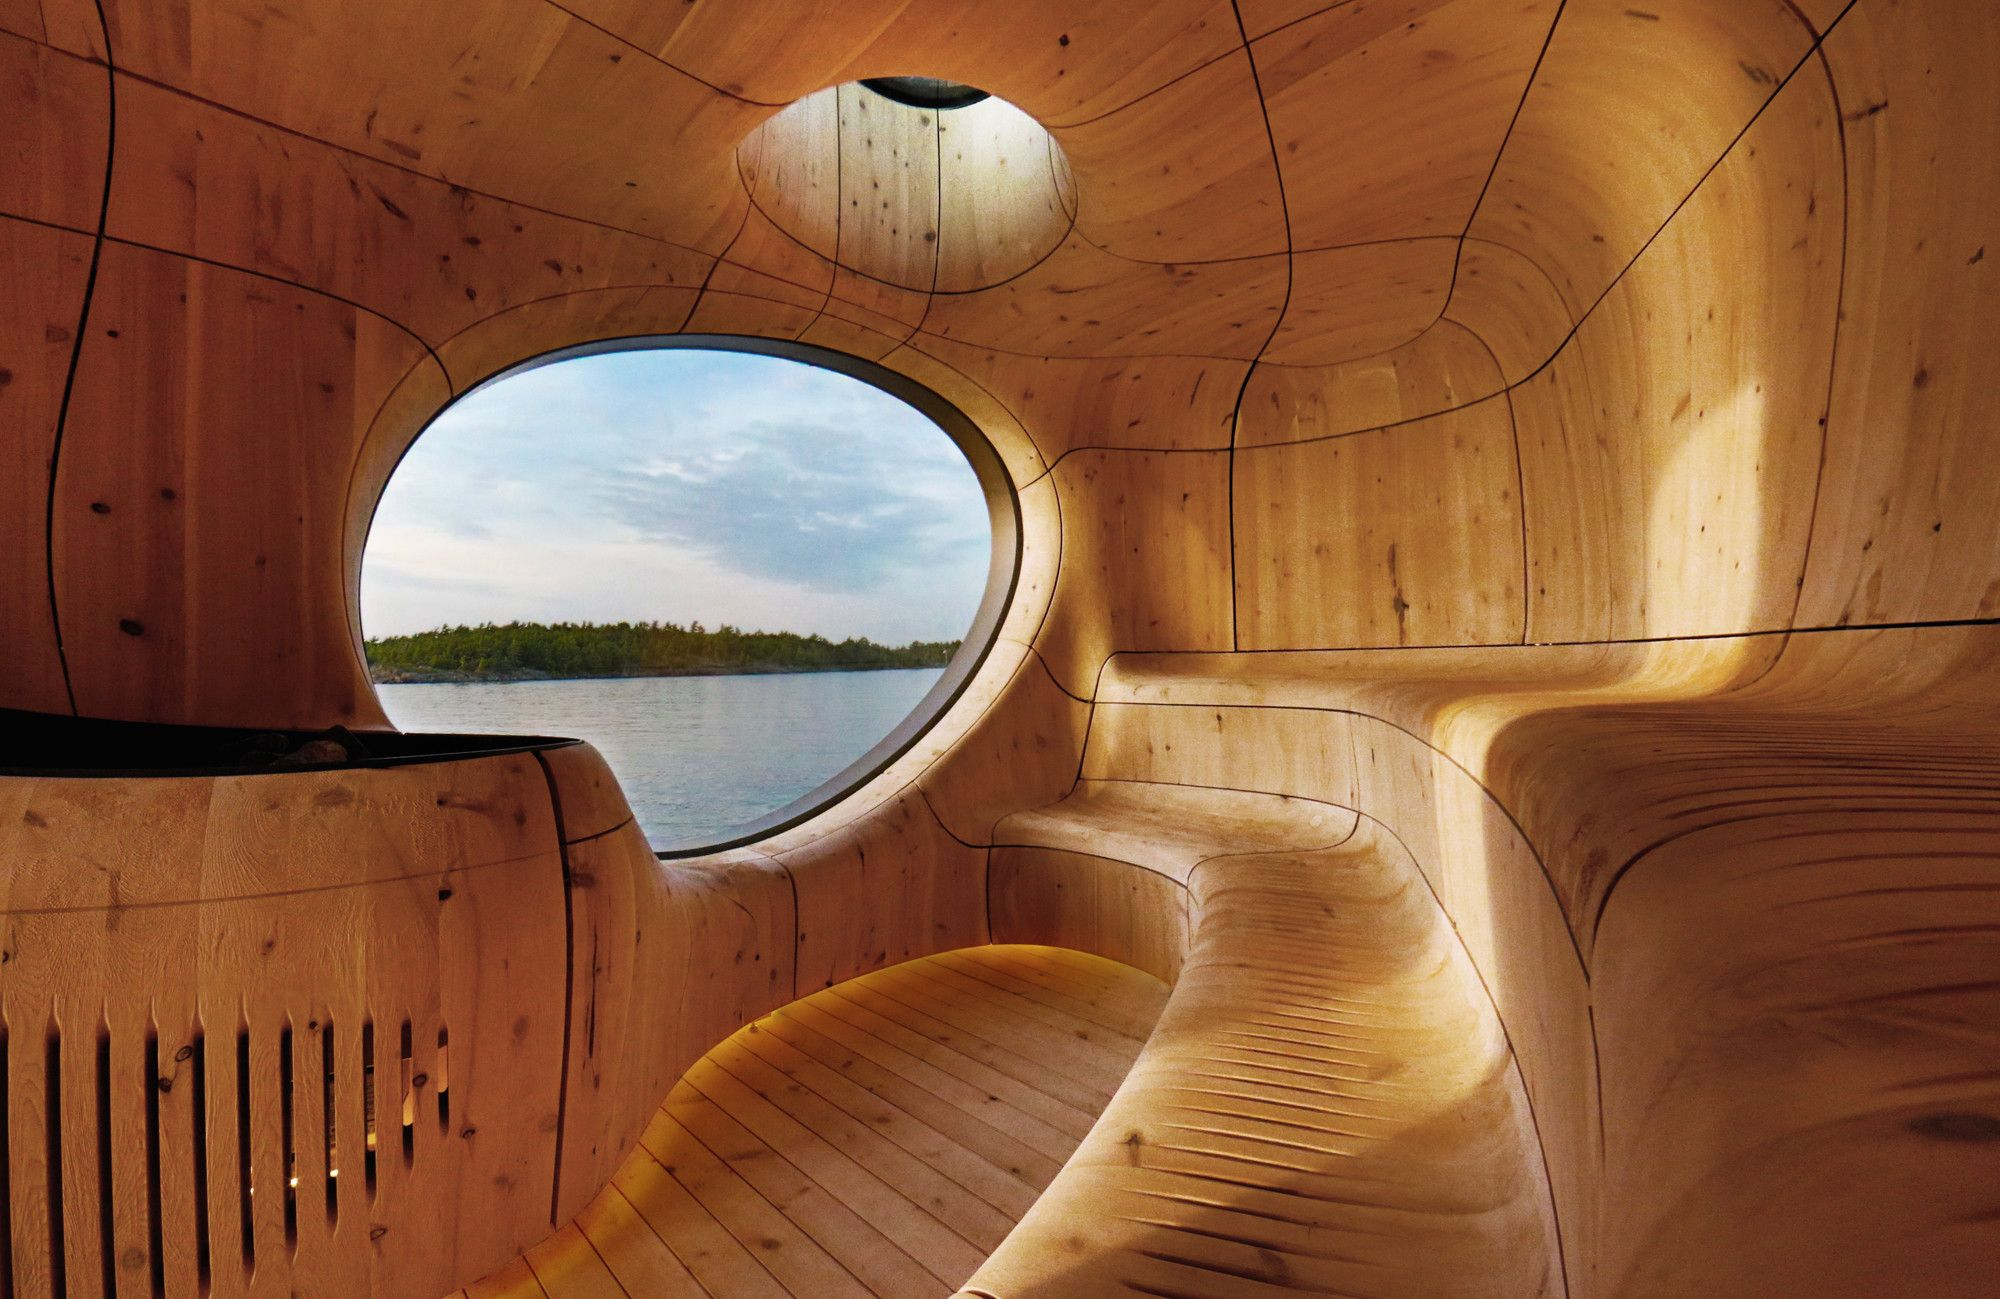 lake side sauna grotto auf sans souci island - bad und sanitär, Wohnzimmer dekoo